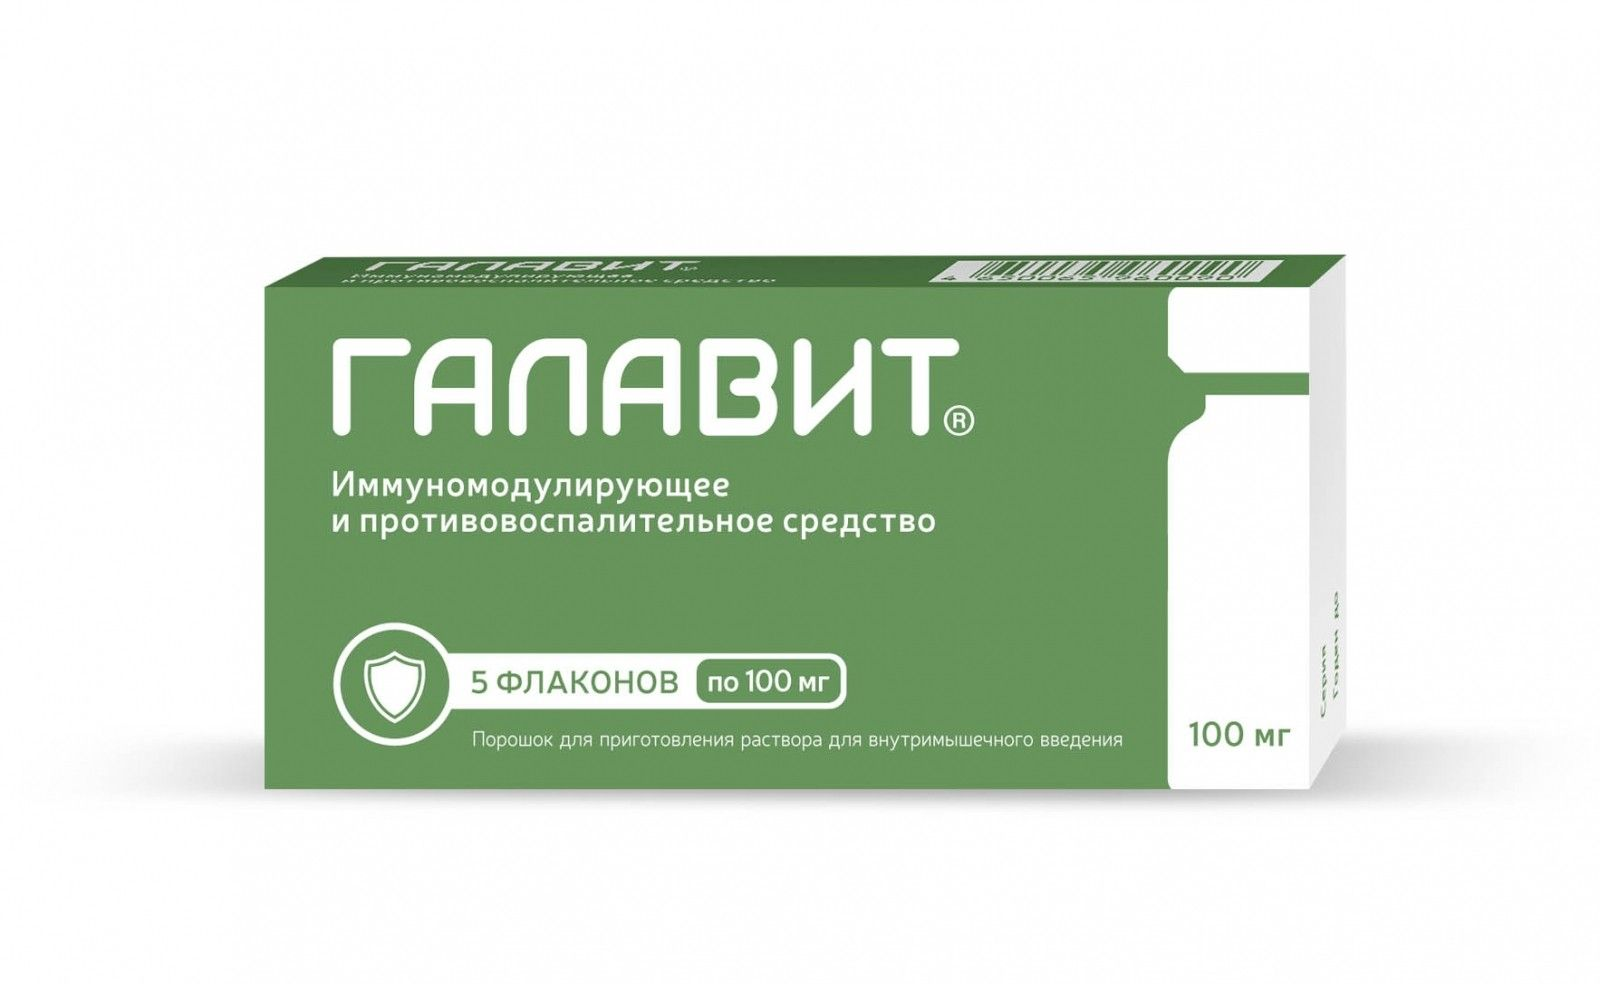 Галавит, 100 мг, порошок для приготовления раствора для внутримышечного введения, 5 шт.